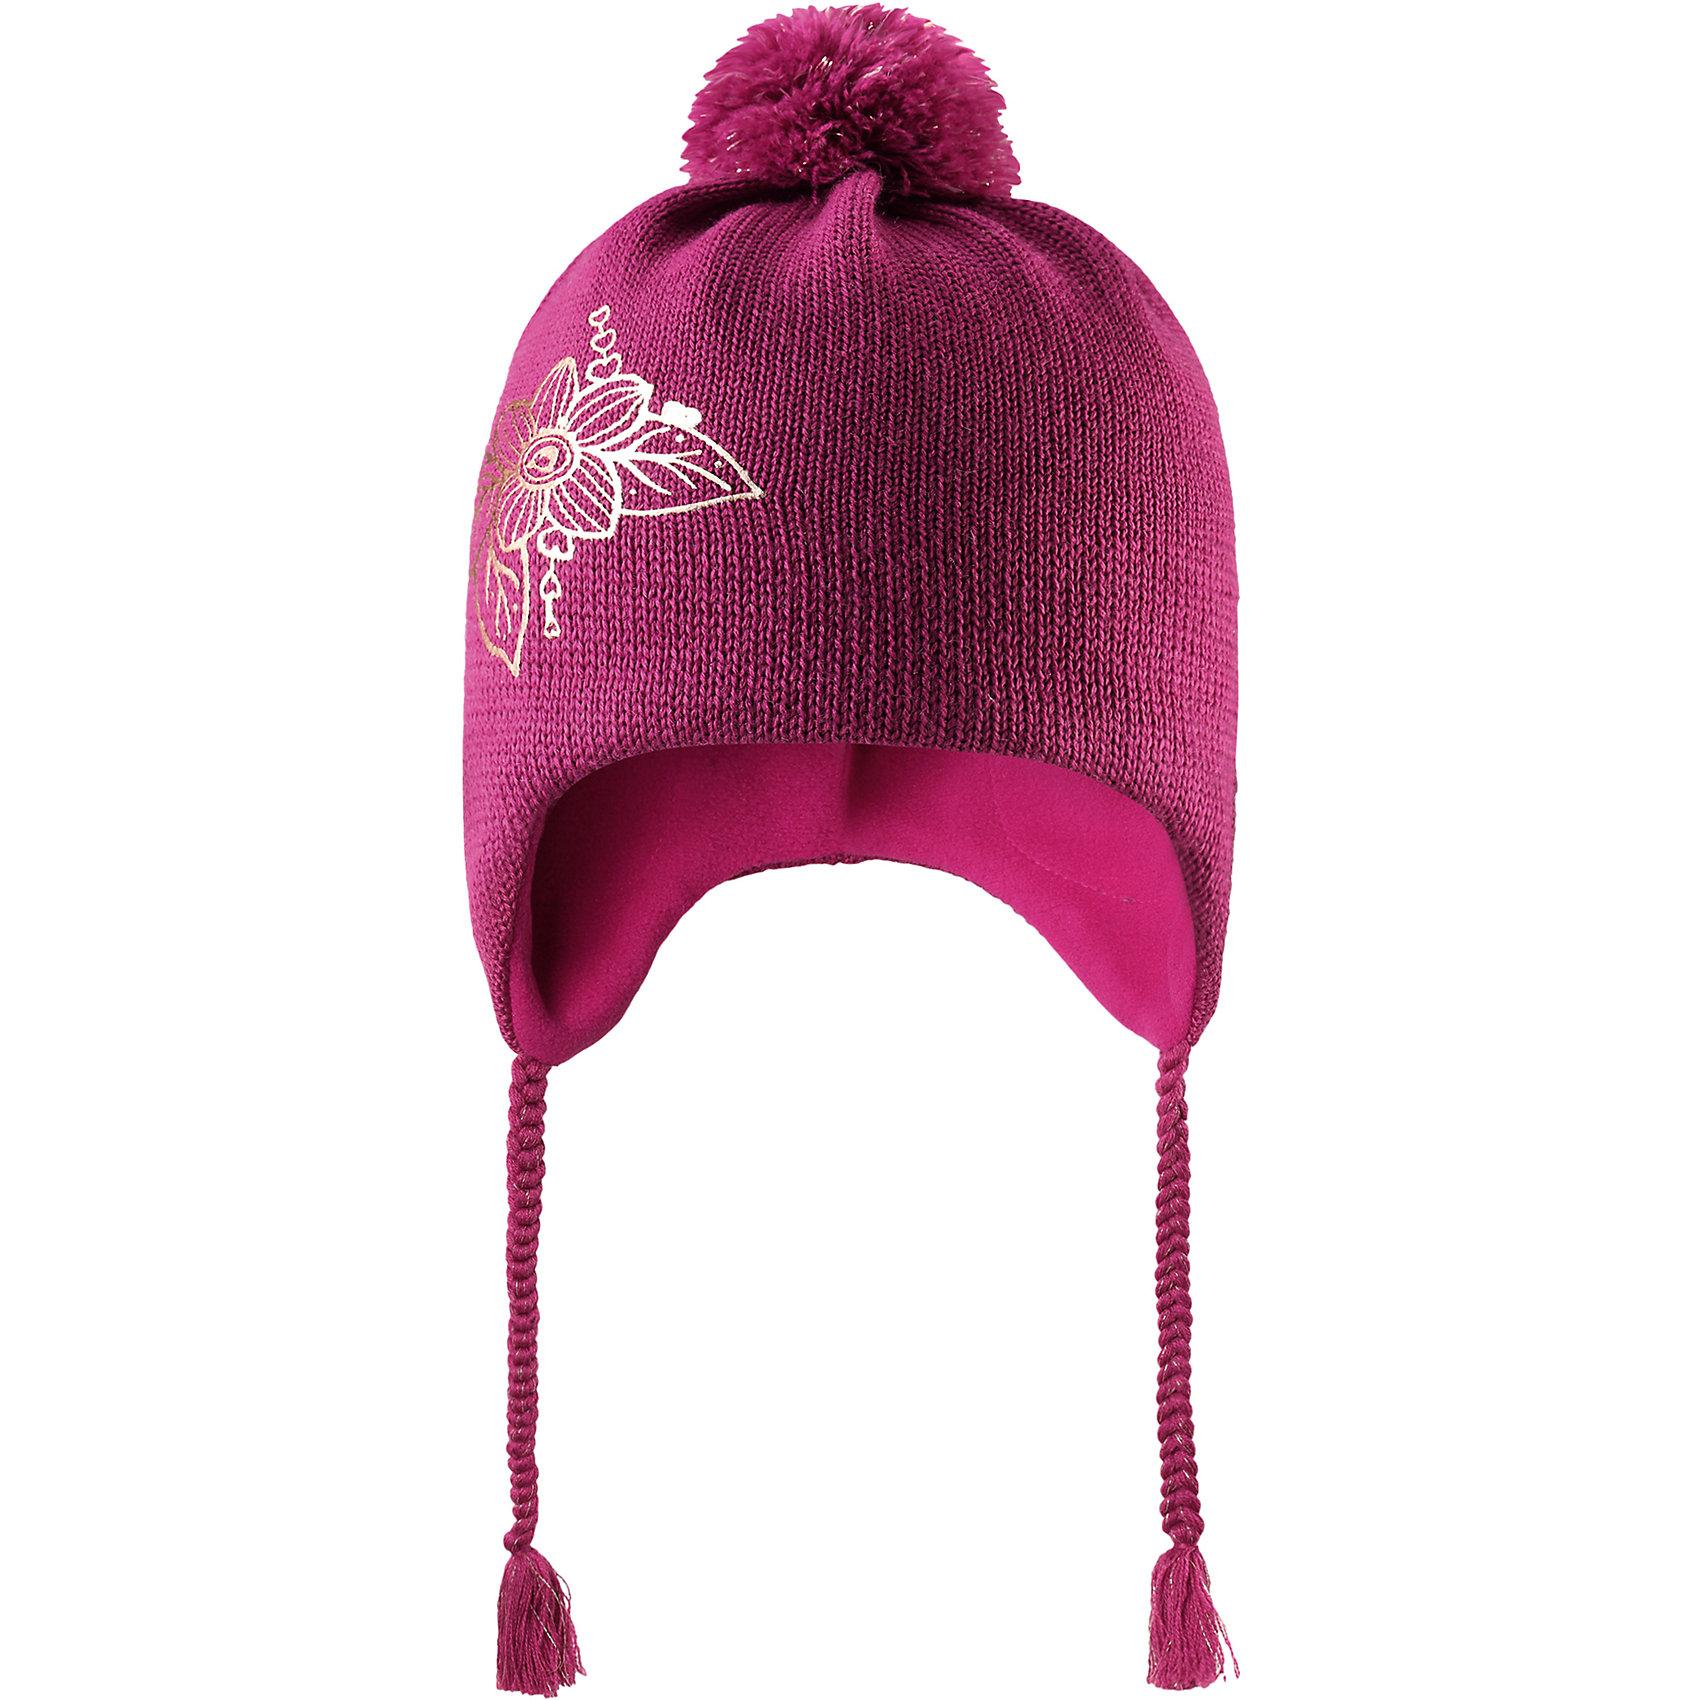 Шапка Lassie для девочкиШапки и шарфы<br>Эта очаровательная детская шапка незаменима в холодные зимние дни! Красивая и гладкая флисовая подкладка очень приятна на ощупь и обеспечивает дополнительное утепление. Ветронепроницаемые вставки в области ушей защищают ушки от холодного ветра, а спереди на шапке размещена светоотражающая эмблема Lassie®. Симпатичный помпон и украшение в виде цветка дополняет образ!<br>Состав:<br>50% Шерсть, 50% Полиакрил<br><br>Ширина мм: 89<br>Глубина мм: 117<br>Высота мм: 44<br>Вес г: 155<br>Цвет: розовый<br>Возраст от месяцев: 72<br>Возраст до месяцев: 144<br>Пол: Женский<br>Возраст: Детский<br>Размер: 54-56,46-48,50-52<br>SKU: 6928165